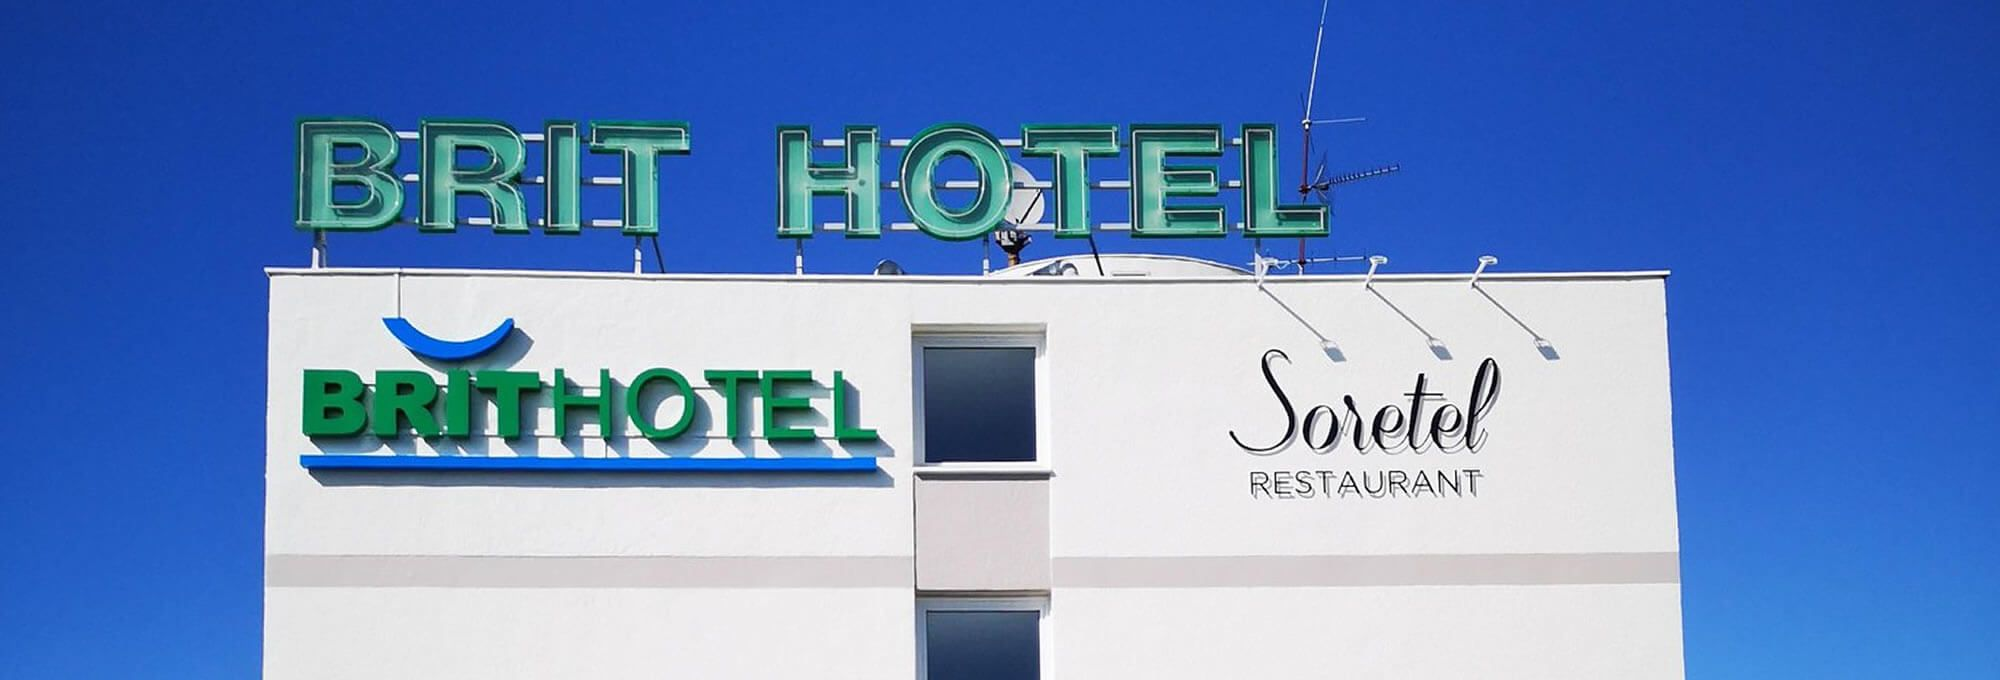 Comment accéder à l'hôtel ?